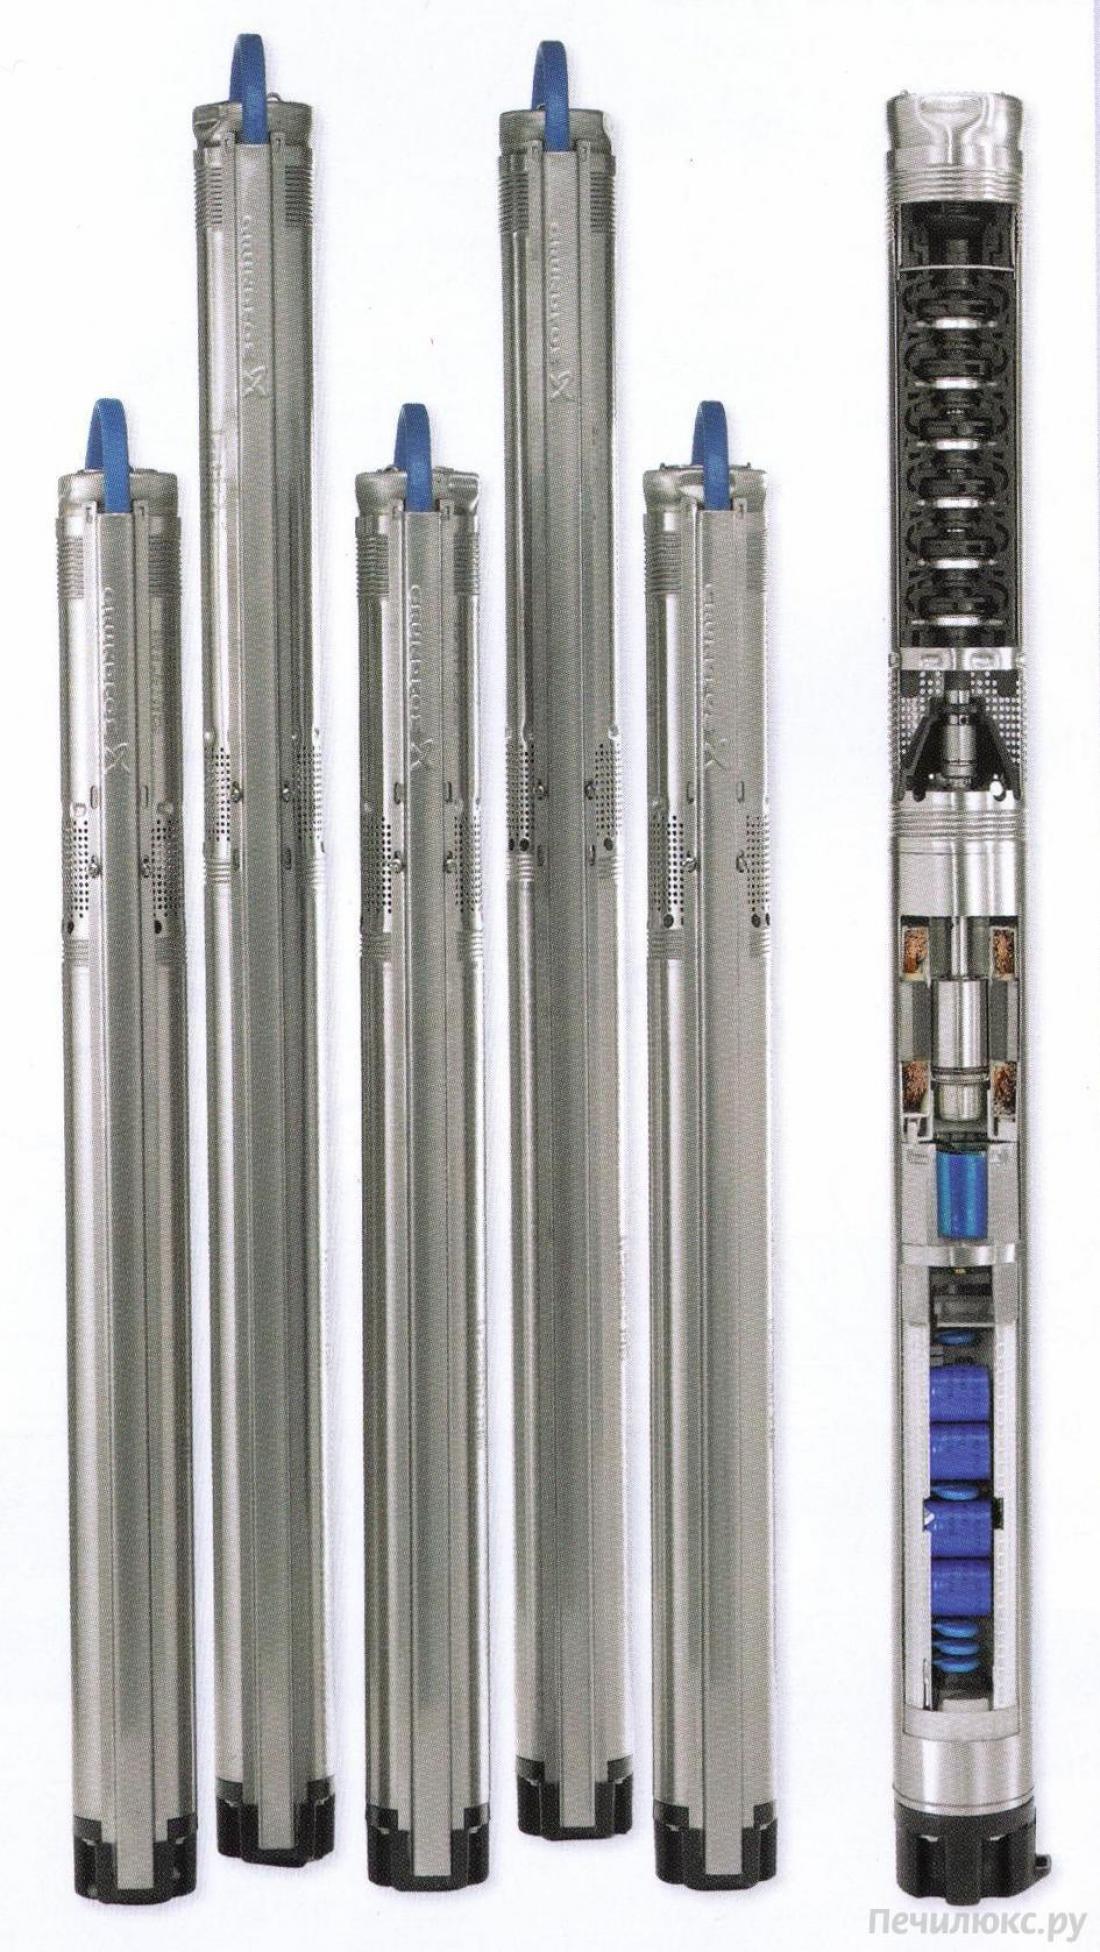 SQE 2-115     1.85kW 200-240V 50/60Hz